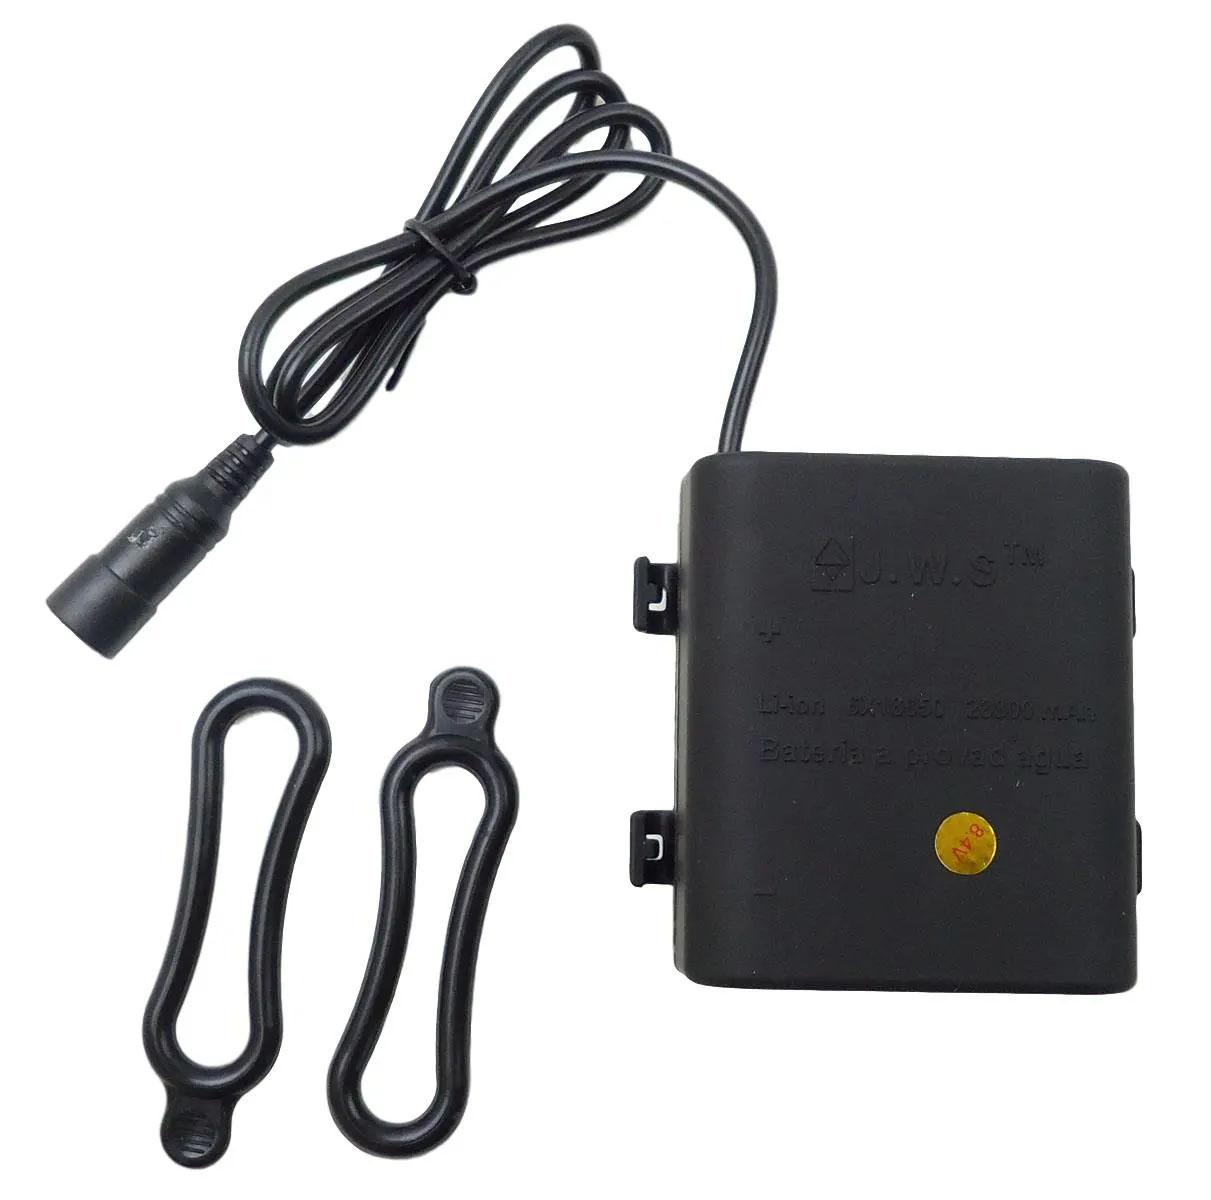 Bateria Externa para Farol Bicicletas JWS Recarregável de 6 células 18650 4.2v 28800mAh Selada Blindada